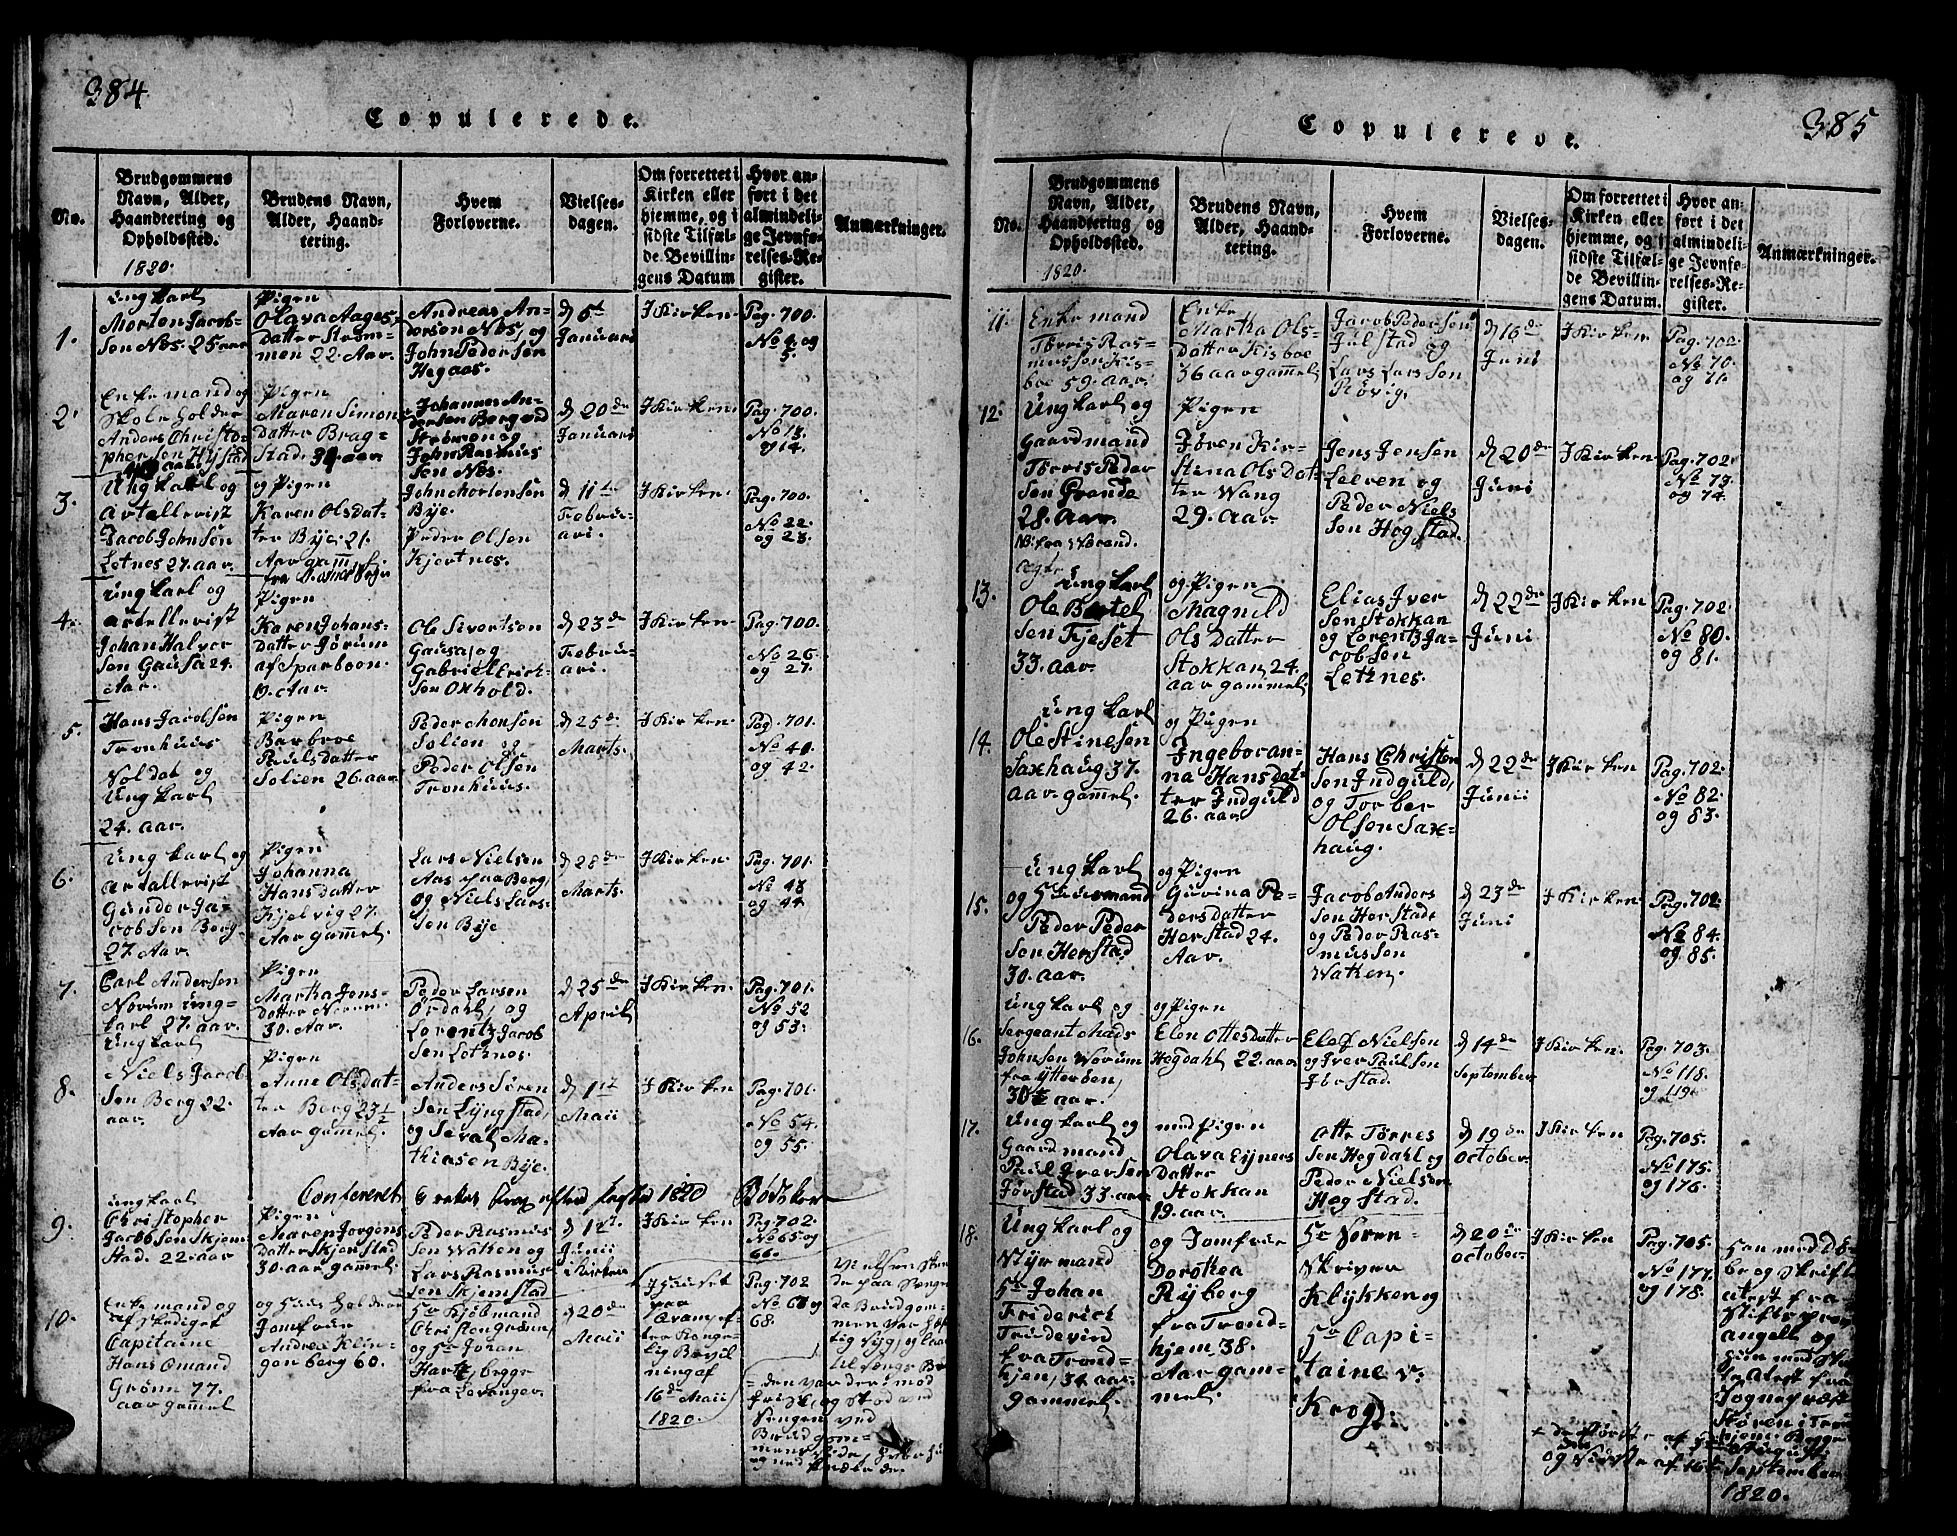 SAT, Ministerialprotokoller, klokkerbøker og fødselsregistre - Nord-Trøndelag, 730/L0298: Klokkerbok nr. 730C01, 1816-1849, s. 384-385